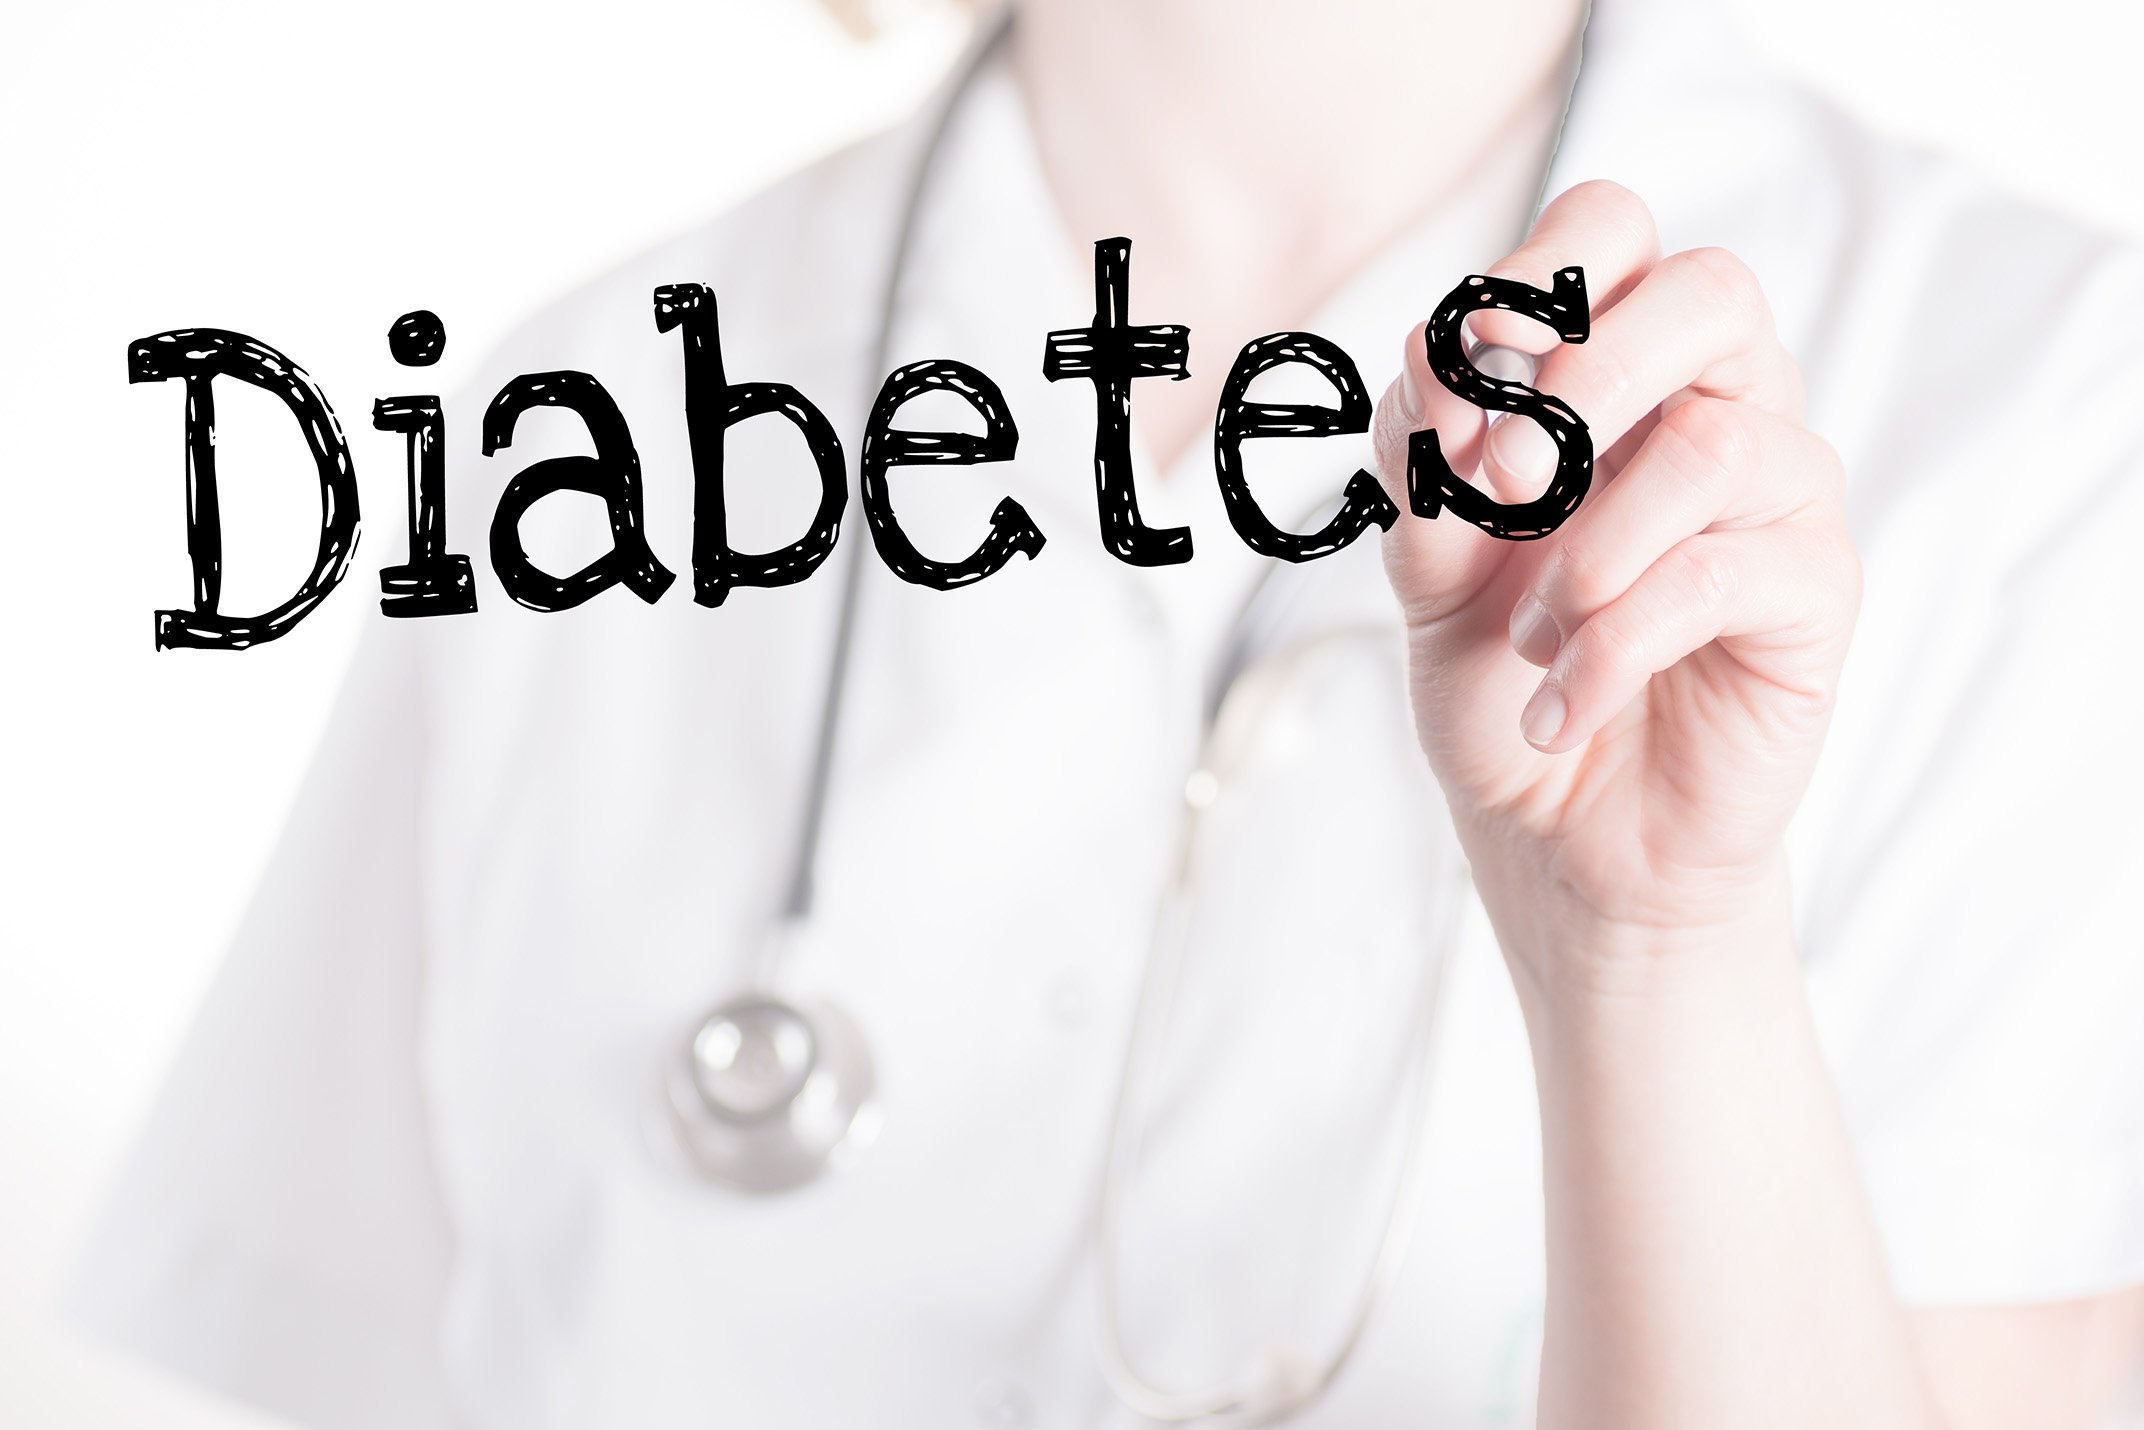 Rosuvastatina em Baixas Doses Reduz os Níveis de LDL em Pacientes com Diabetes Mellitus Tipo 2